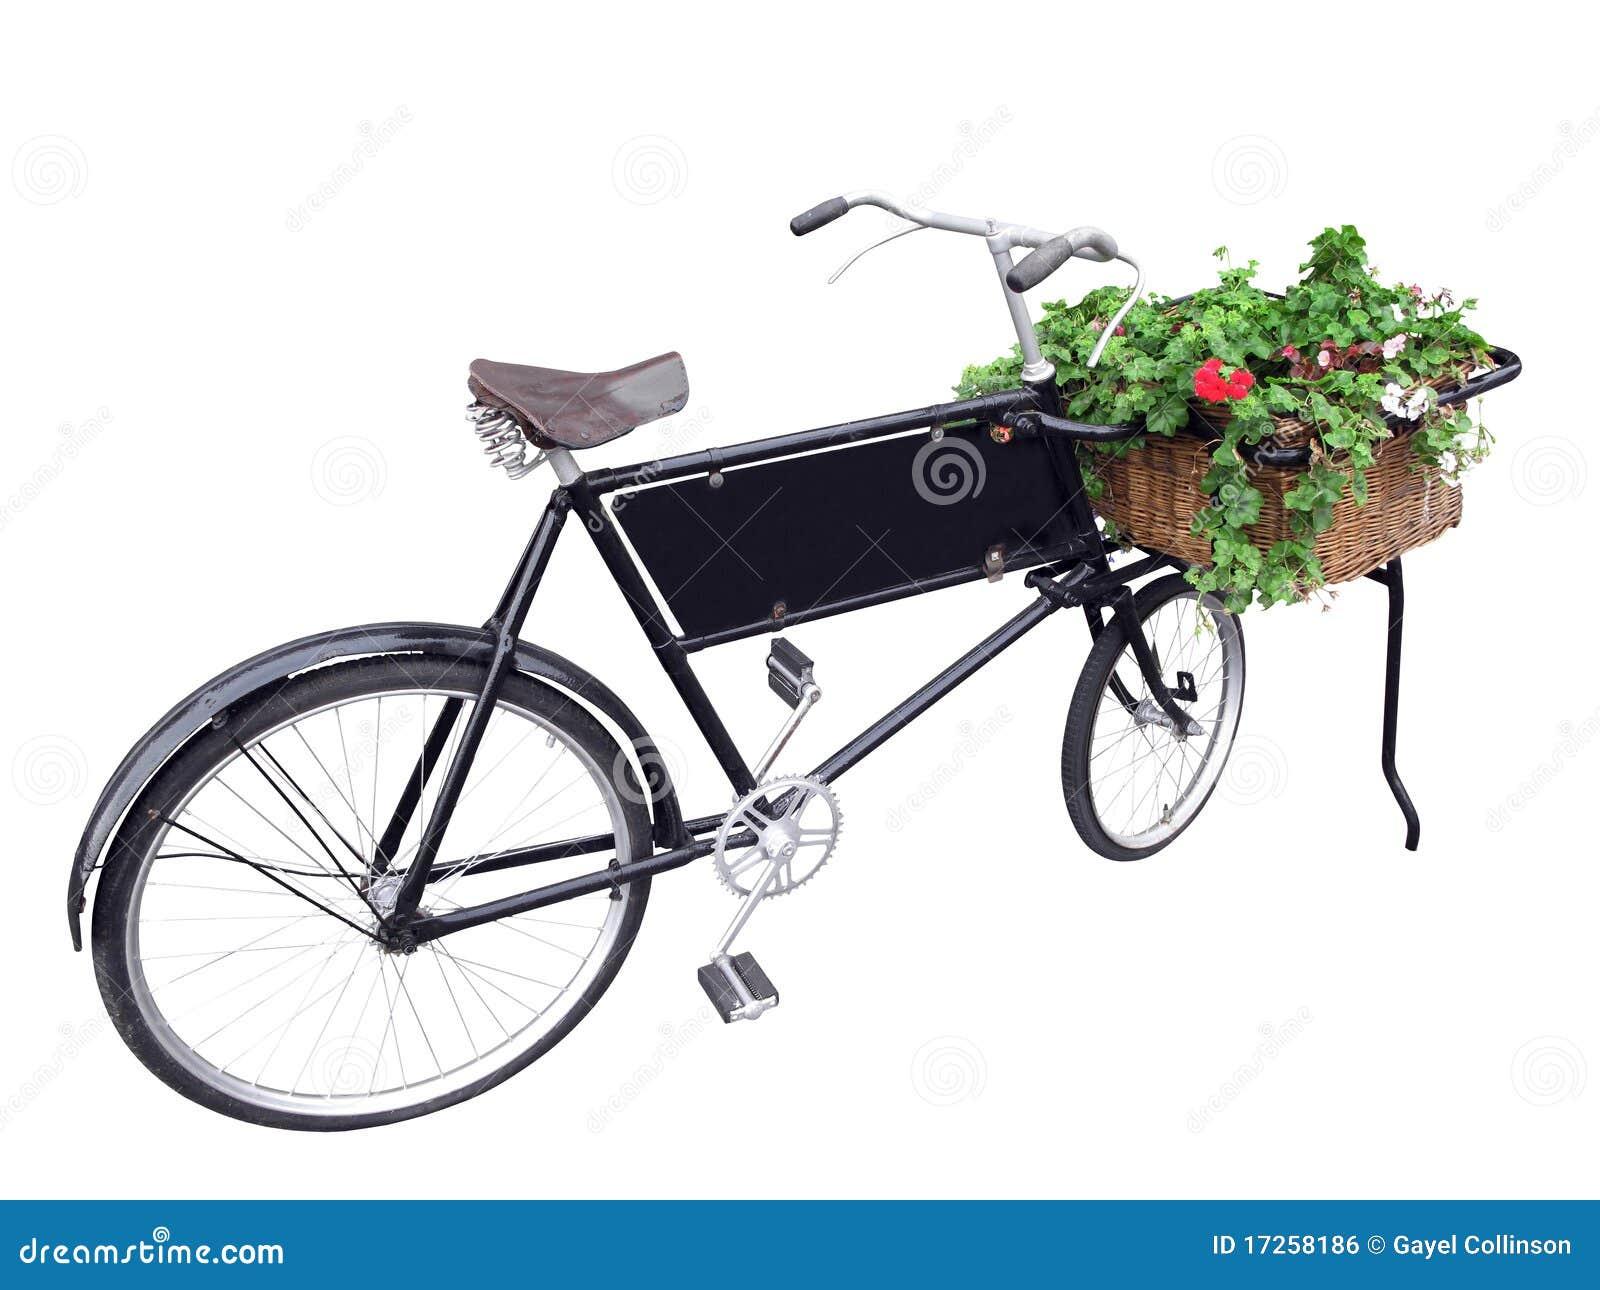 Altes Anlieferung Fahrrad.